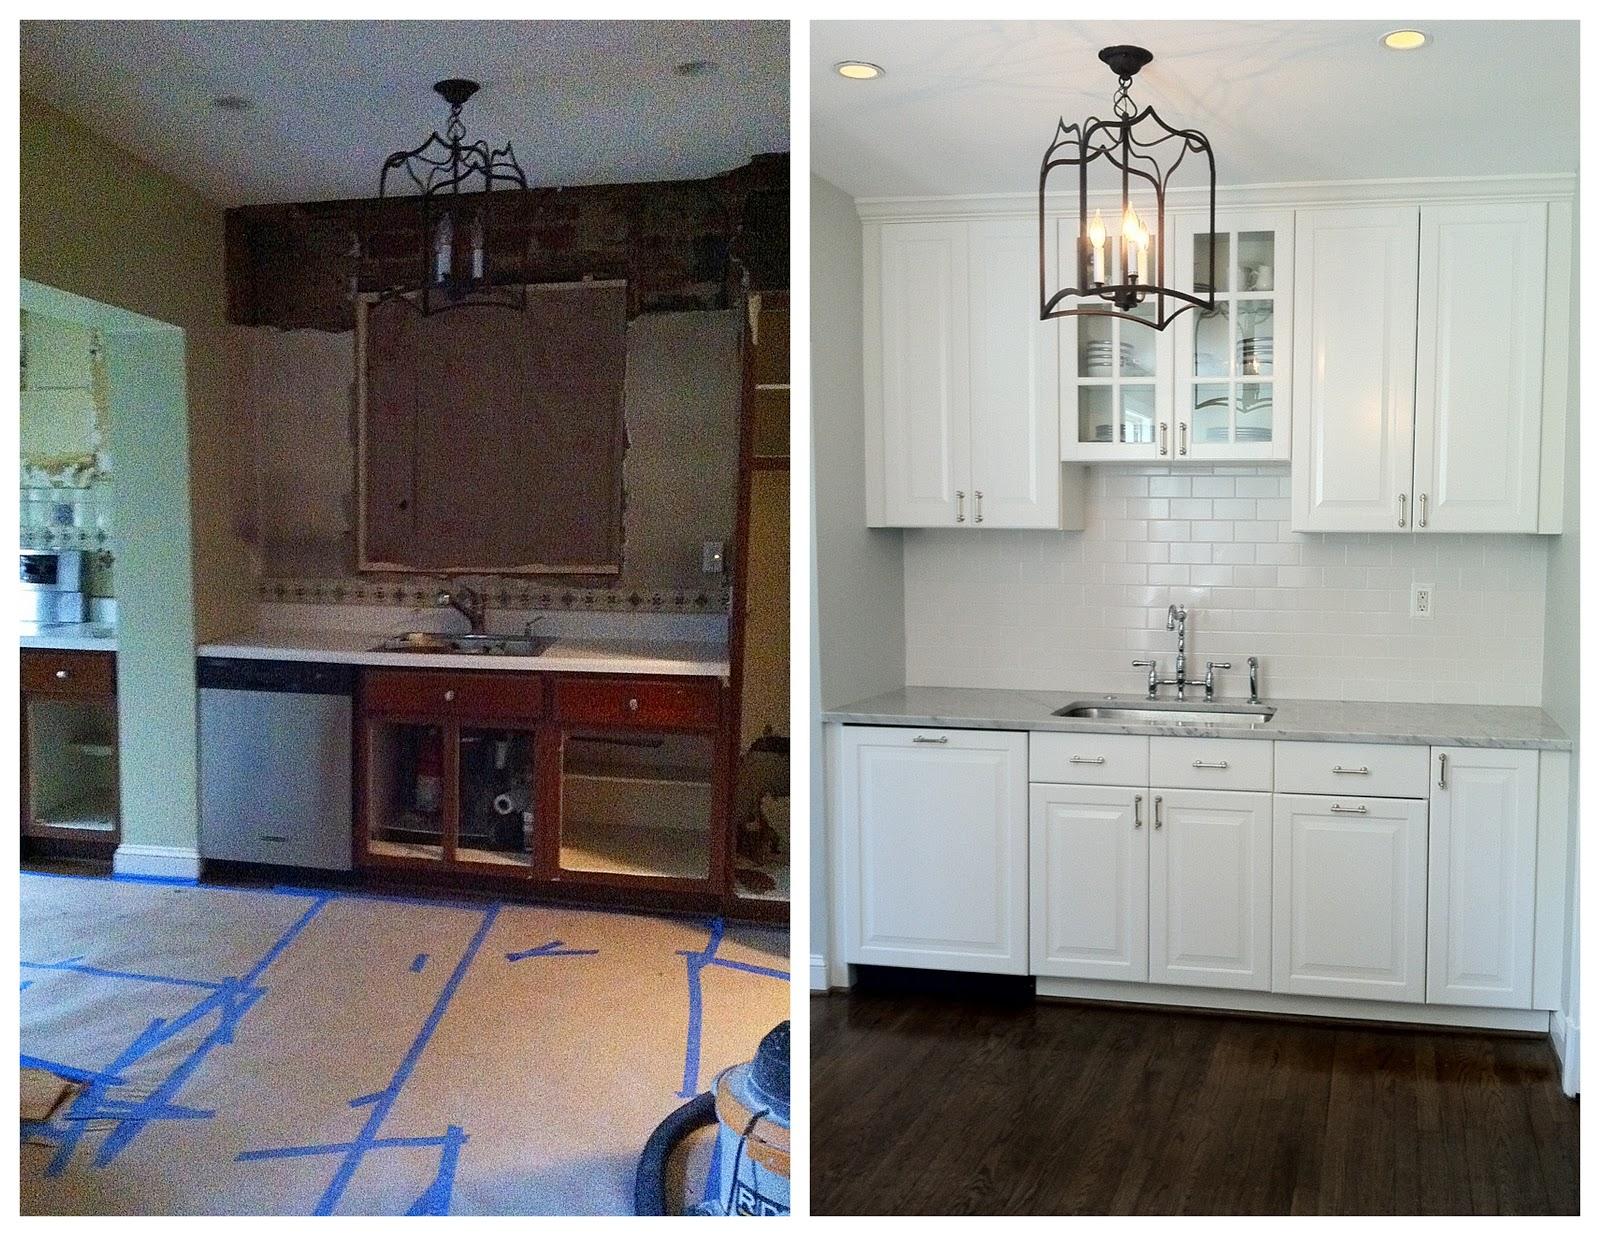 ikea kitchen renovation part 2 ikea kitchen remodel Ikea Kitchen Renovation Part 2